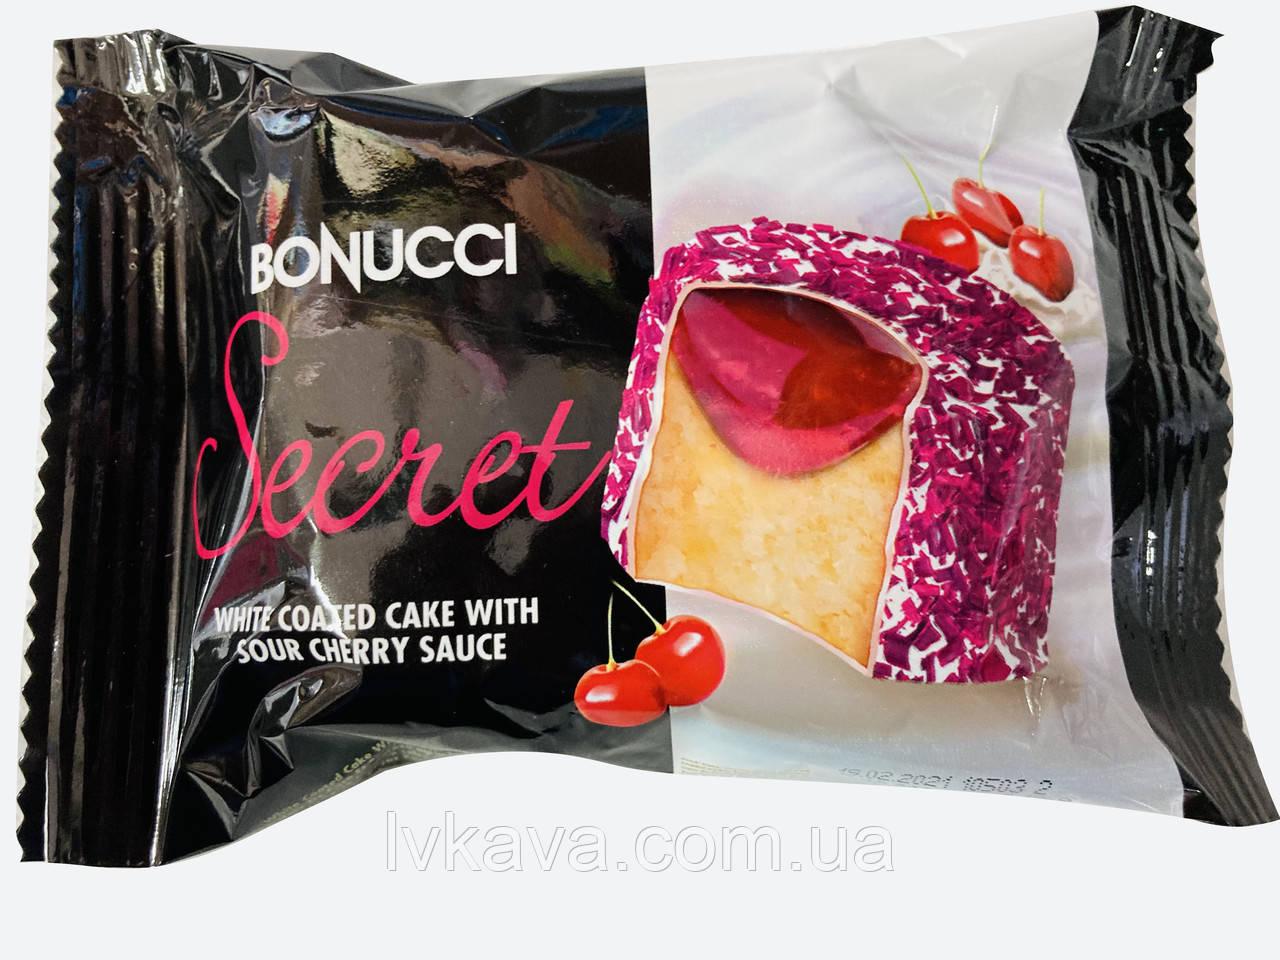 Бисквит  Secret в белой глазури с вишневым соусом Bonucci , 50 гр